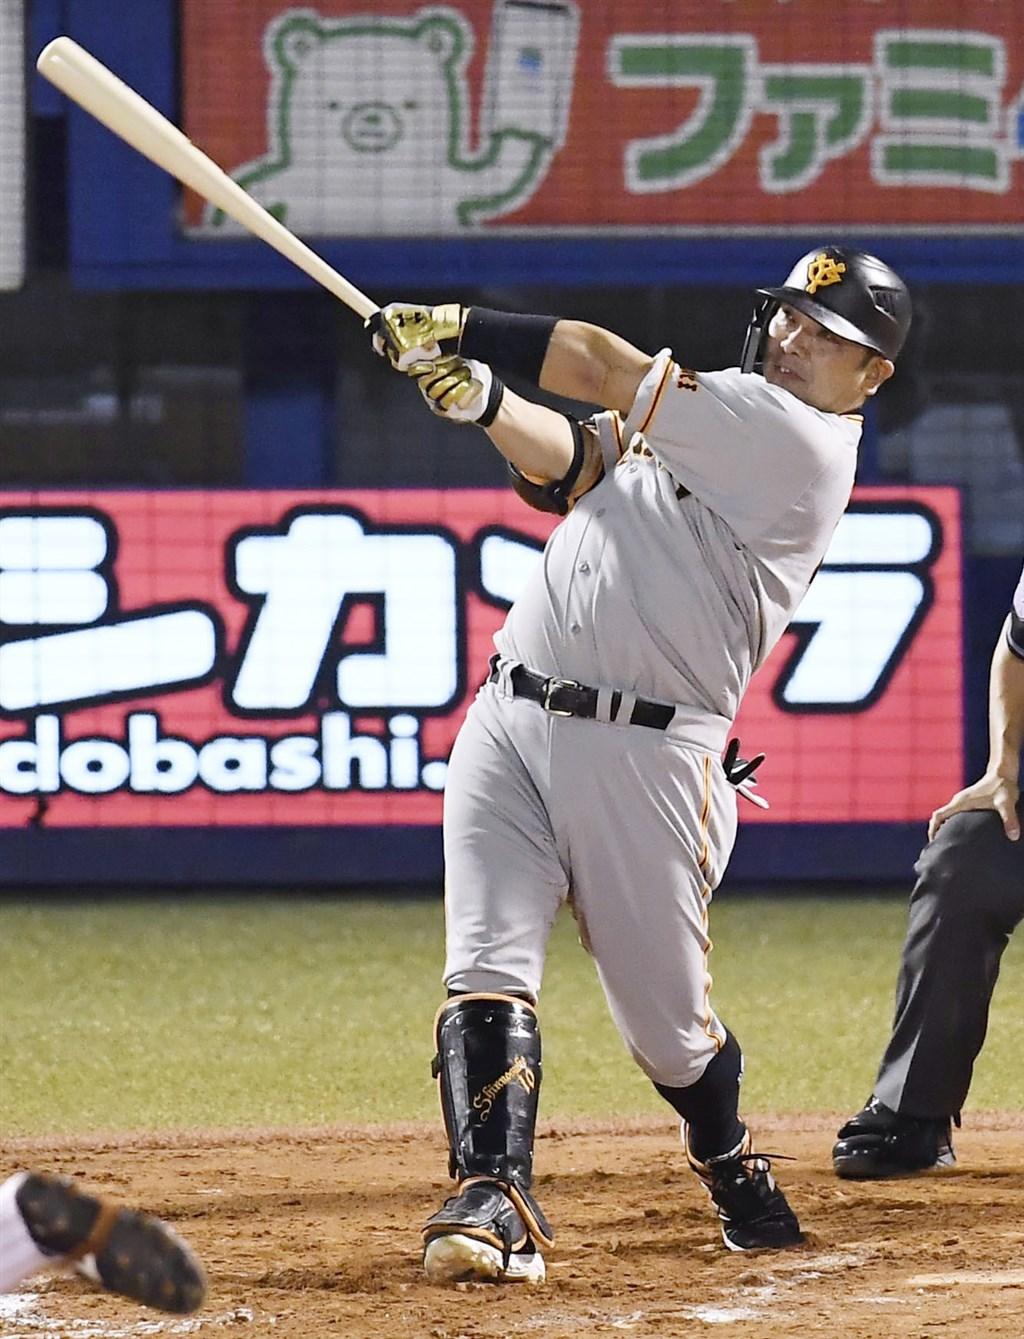 日本職棒巨人隊的「強打捕手」阿部慎之助,從2001年進入職棒後就擔任先發球員,表現活躍,目前已知本季結束就將退休。(共同社提供)